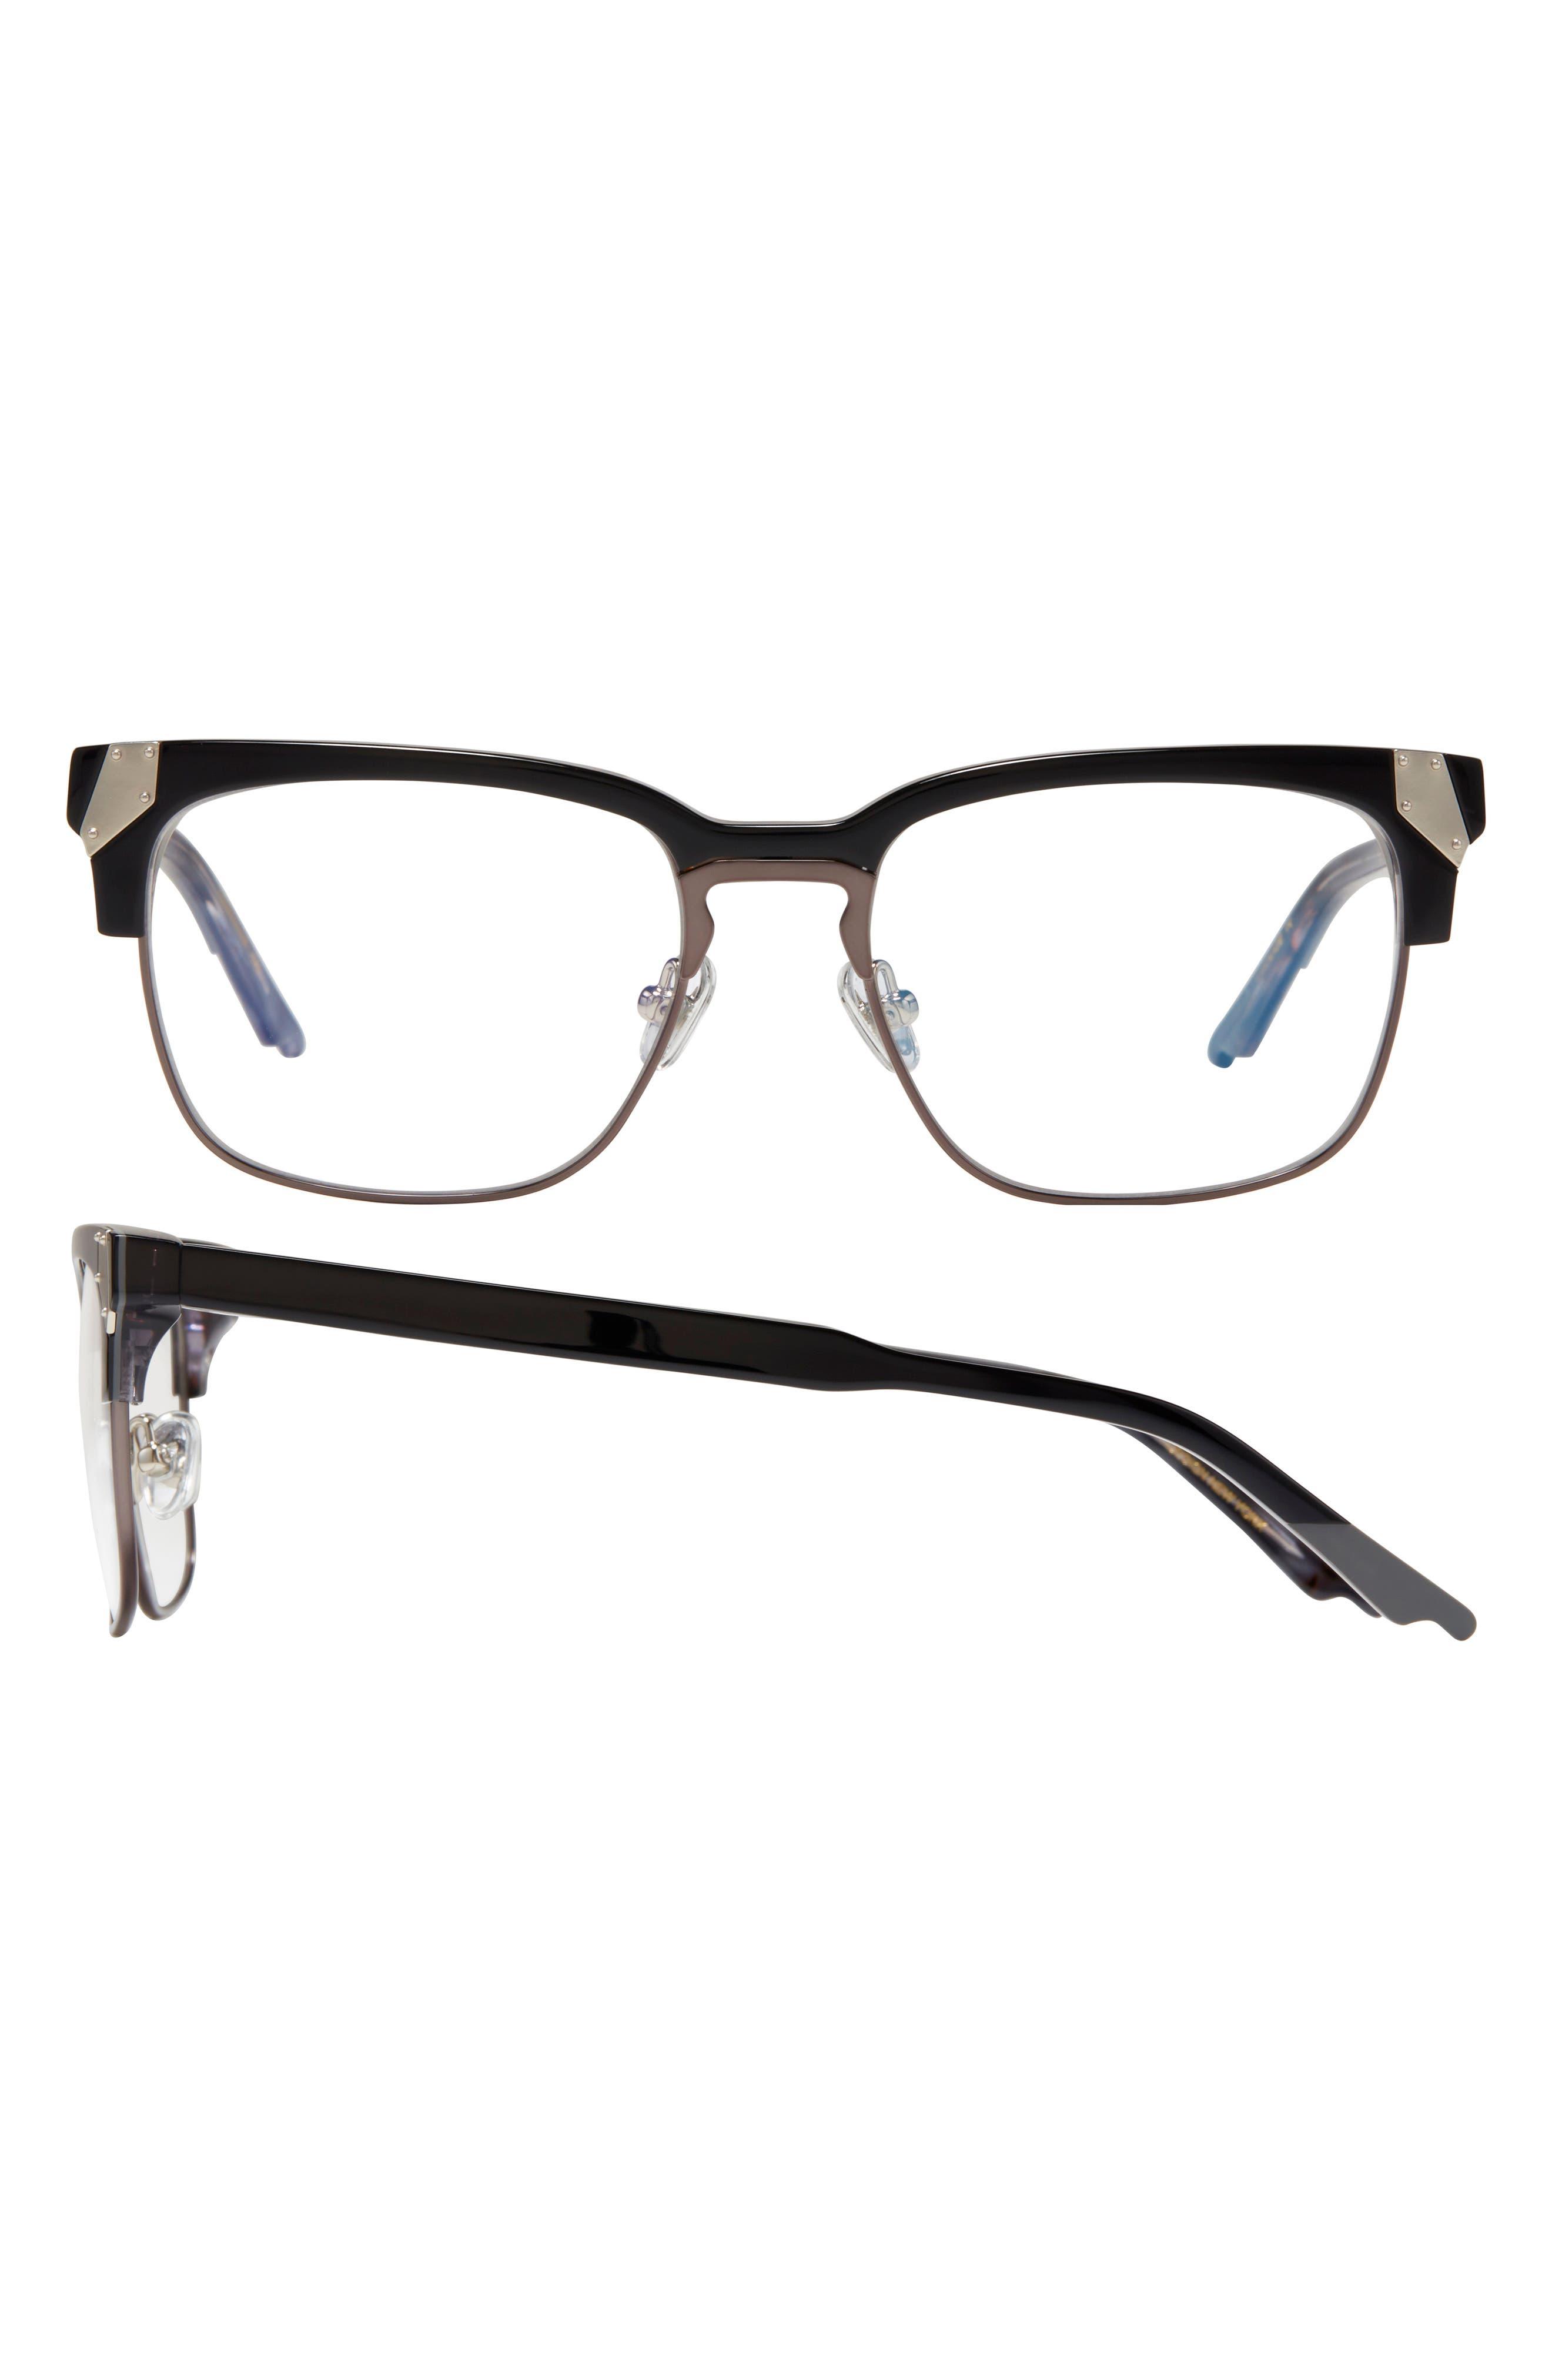 Imagine 54mm Rectangular Blue Light Filtering Glasses